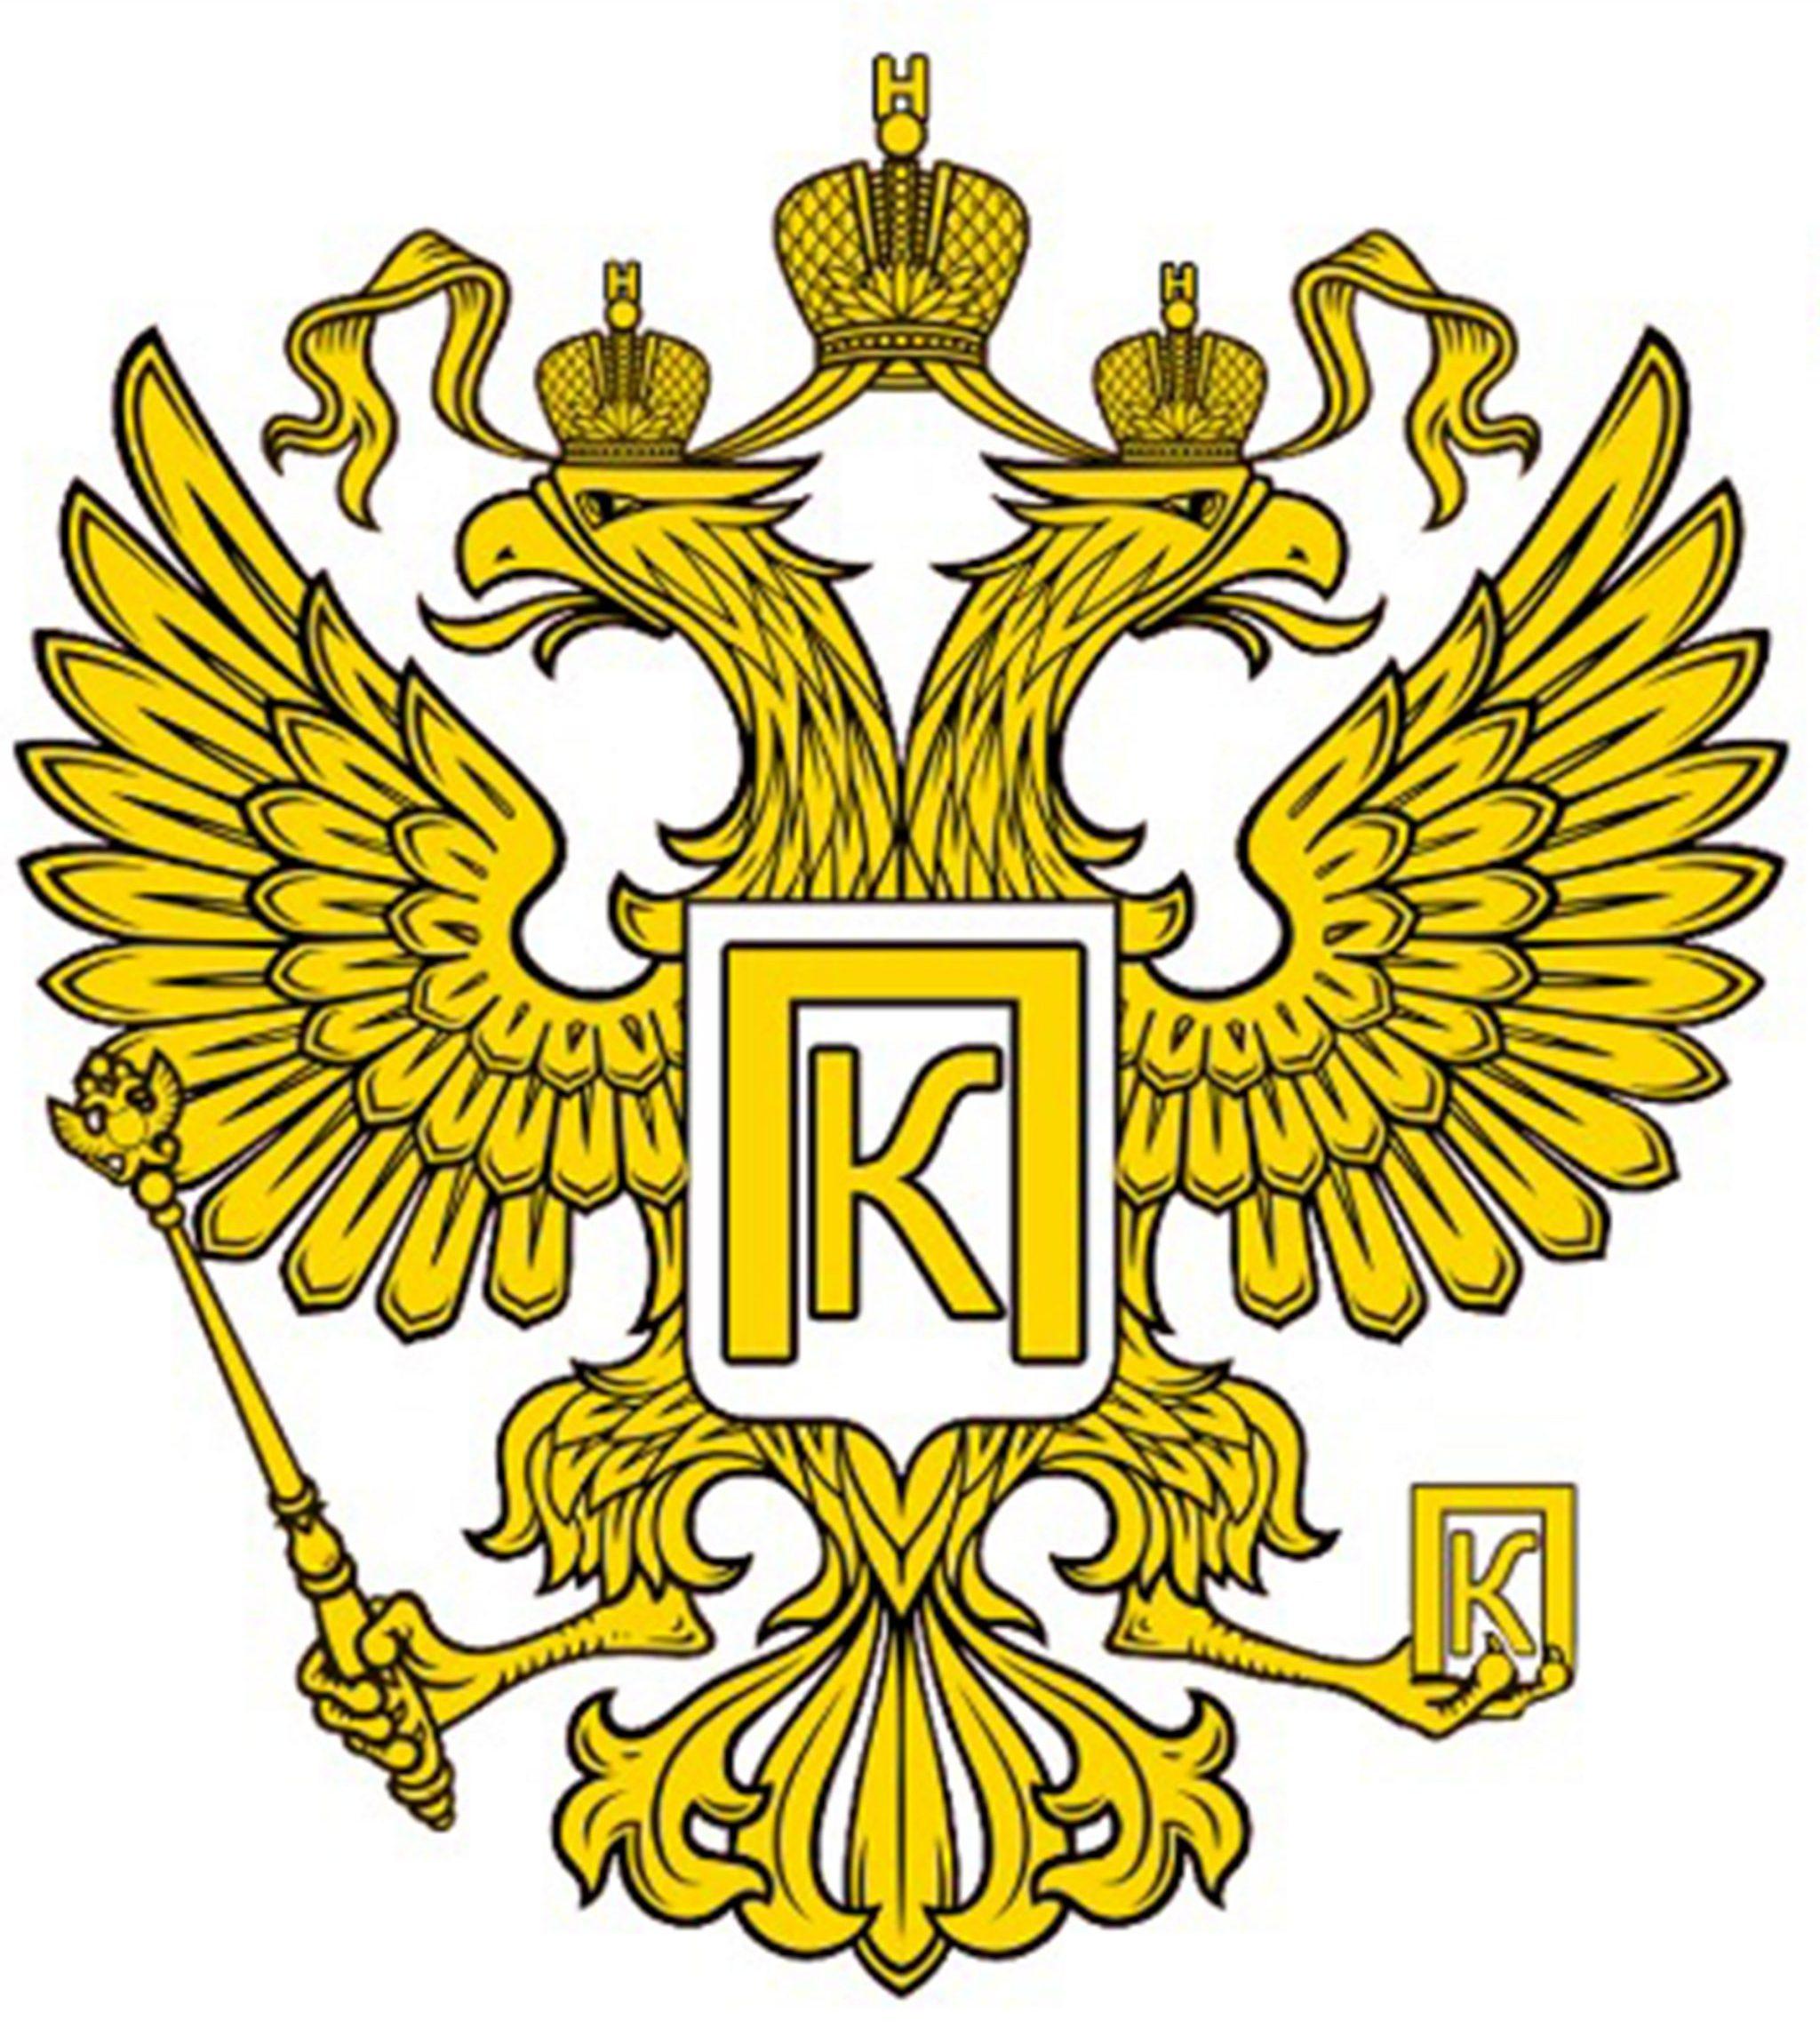 Федеральный комитет по противодействию коррупции и экстремизму РФ